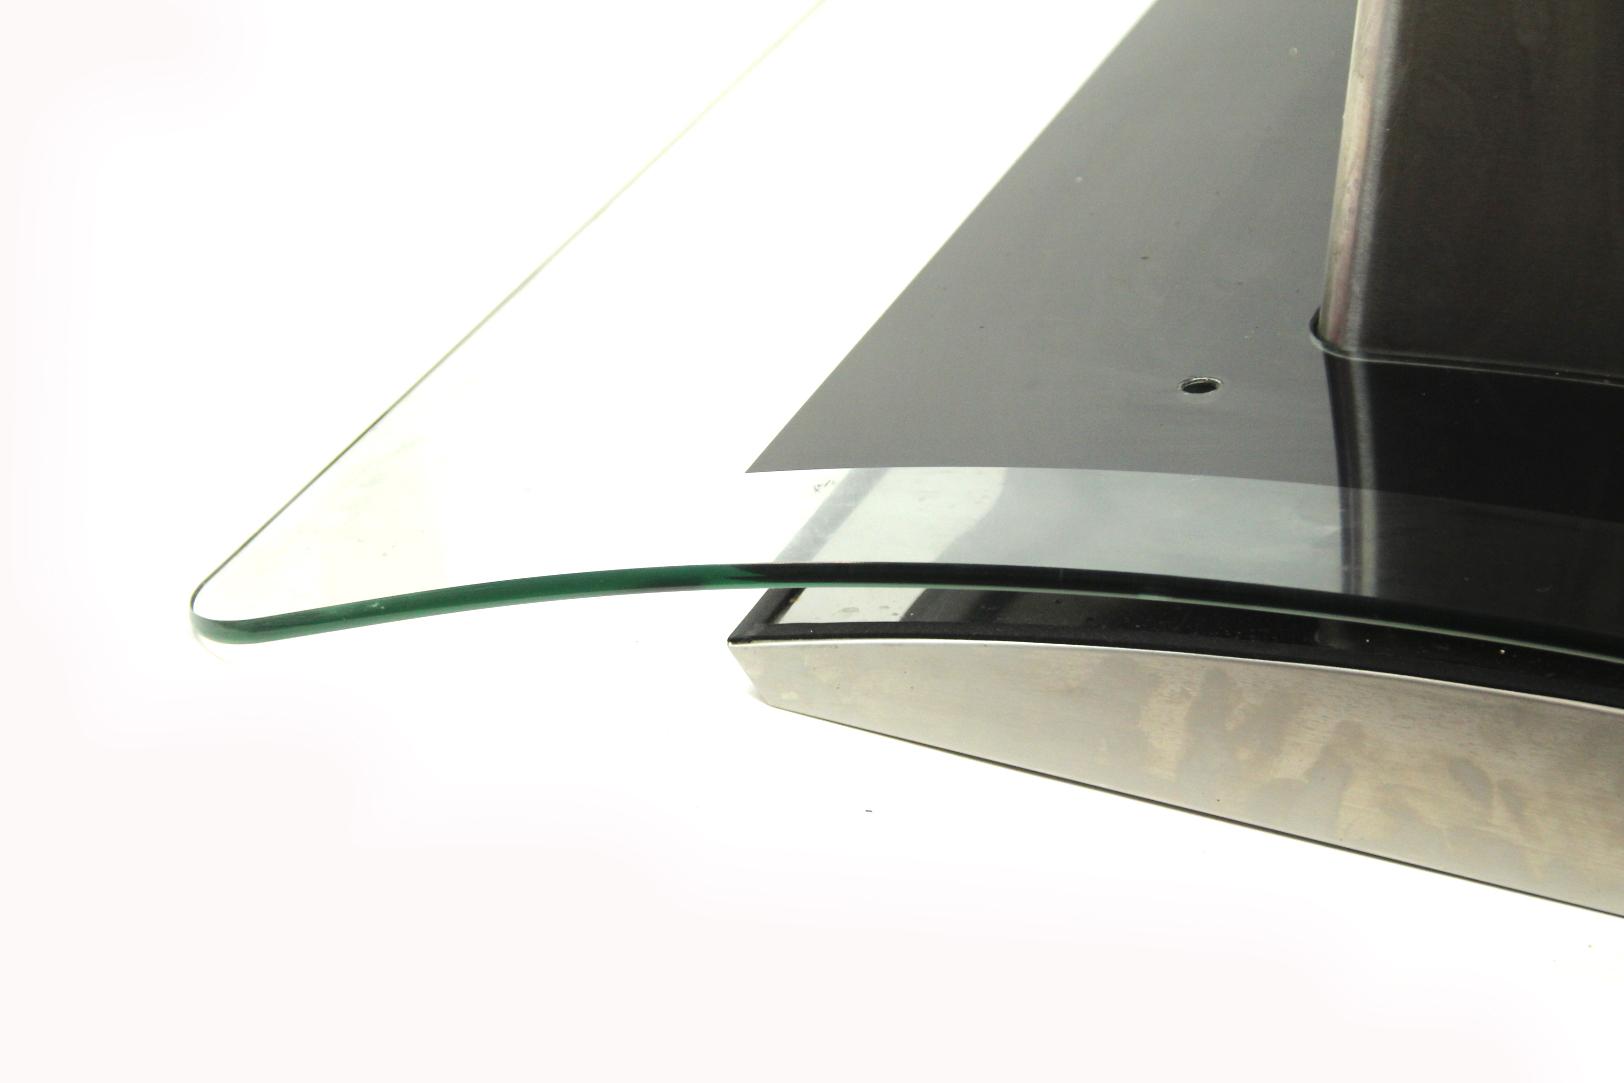 Dunstabzugshaube motor reinigen so tauschen sie kohlefilter einer